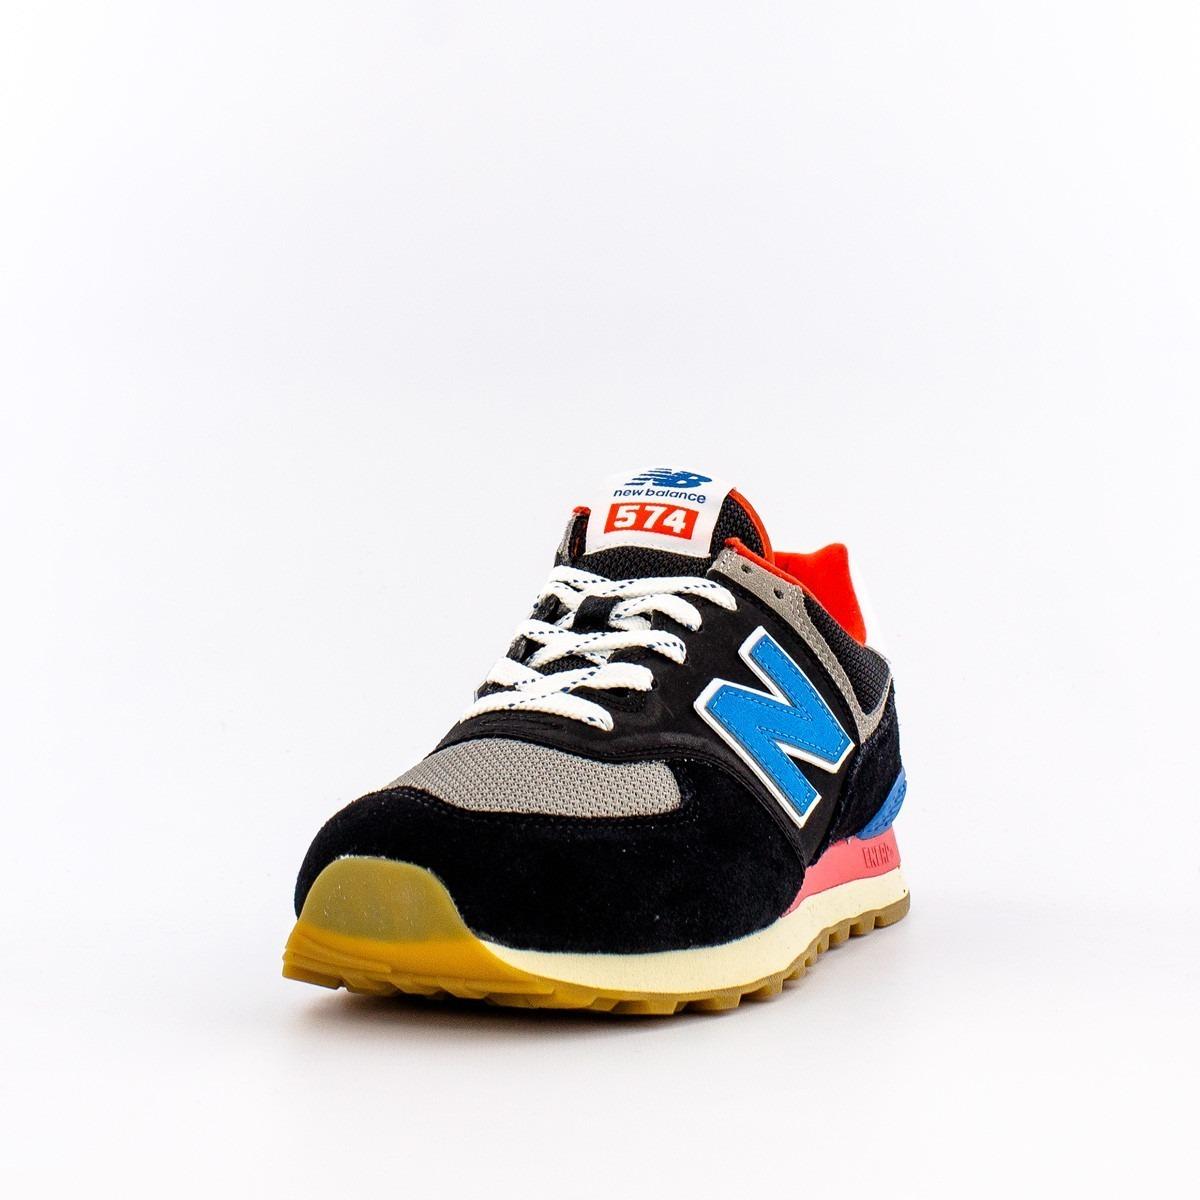 Zapatillas New Balance 574 Originales Para Hombre - Oferta